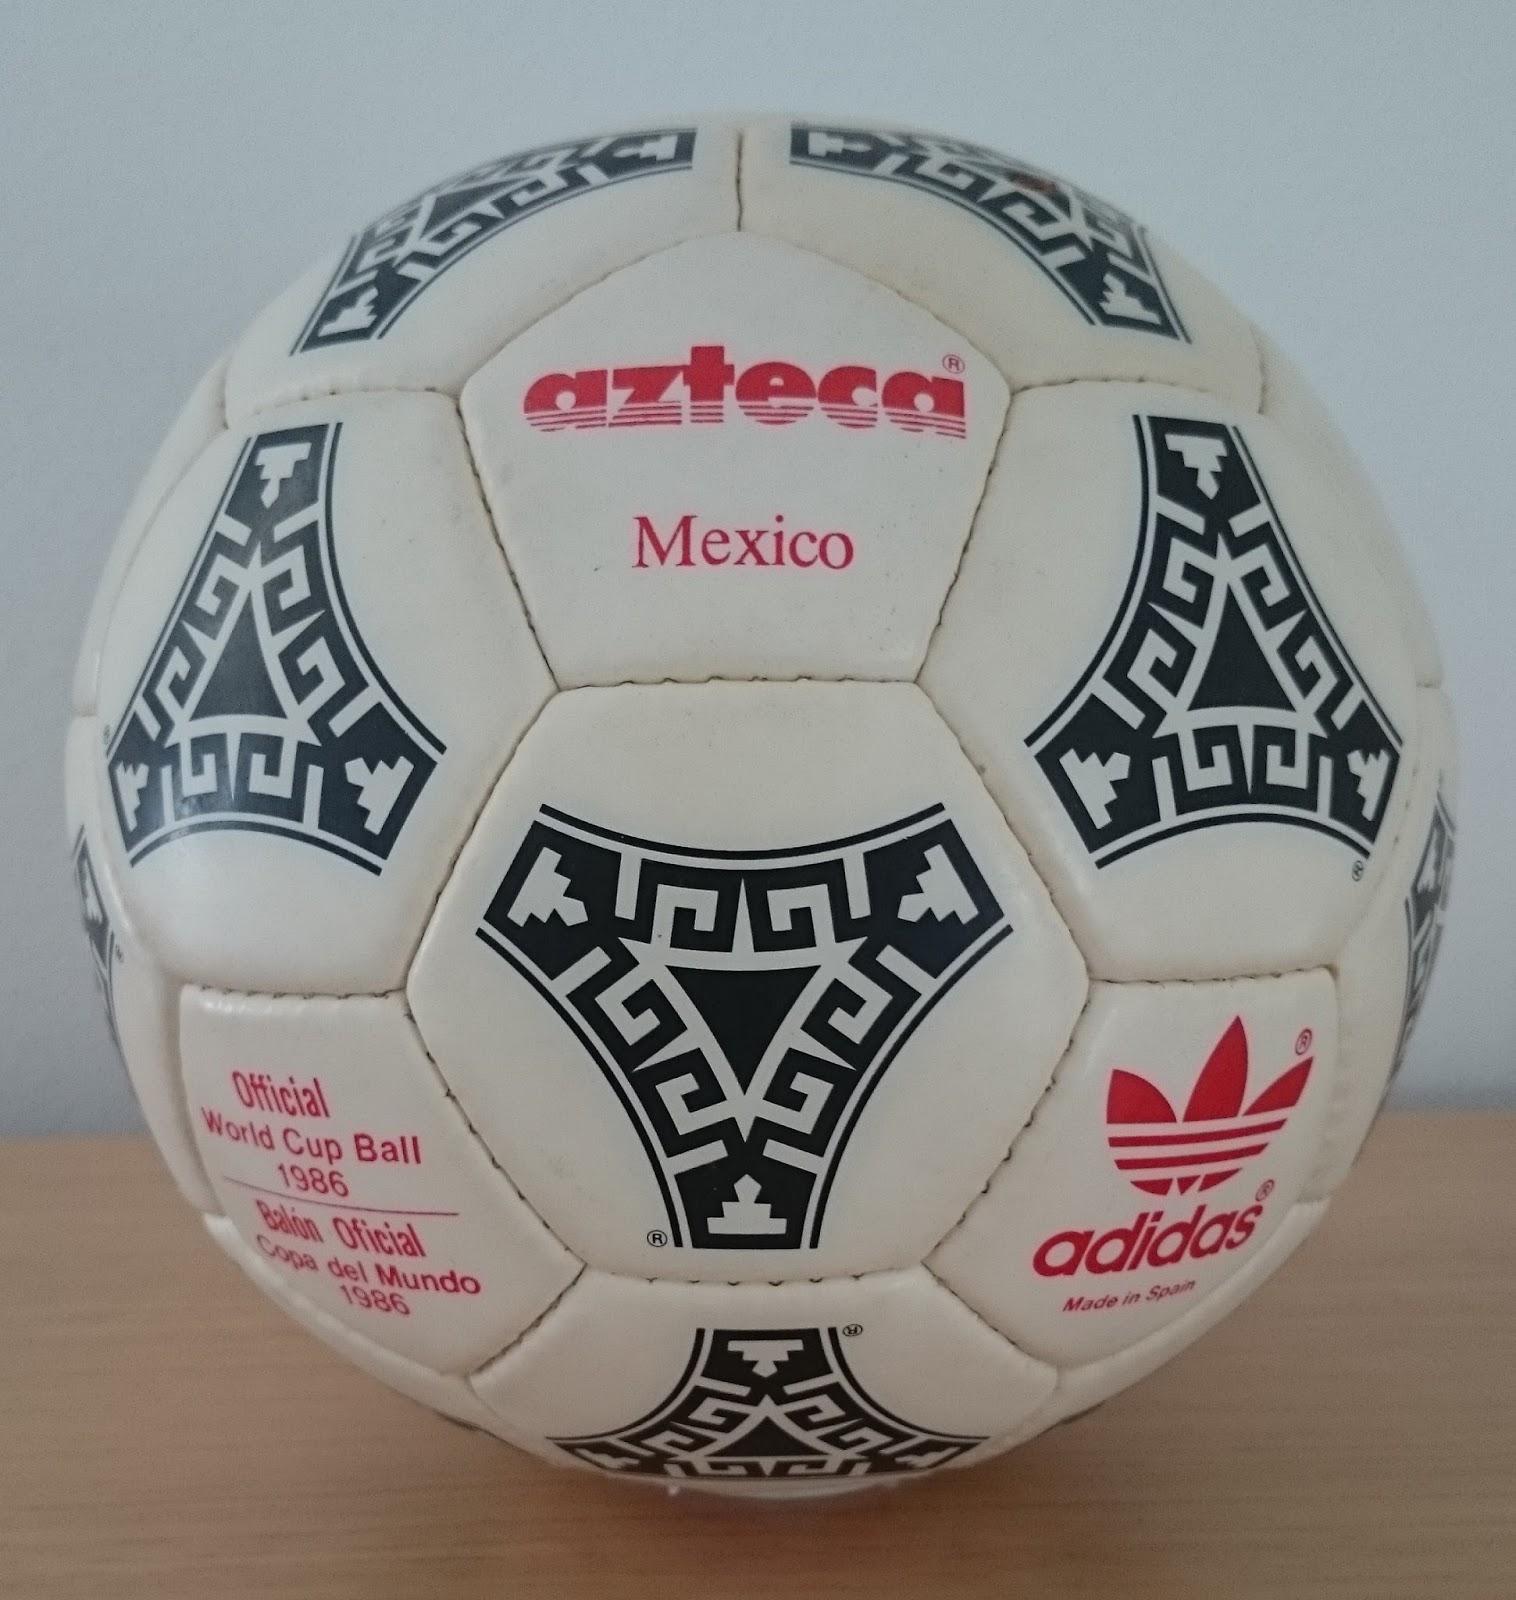 conductor metodología Seguid así  Balones de Epoca: Balón Adidas Azteca del mundial de México 1986 en letras  rojas y negras.